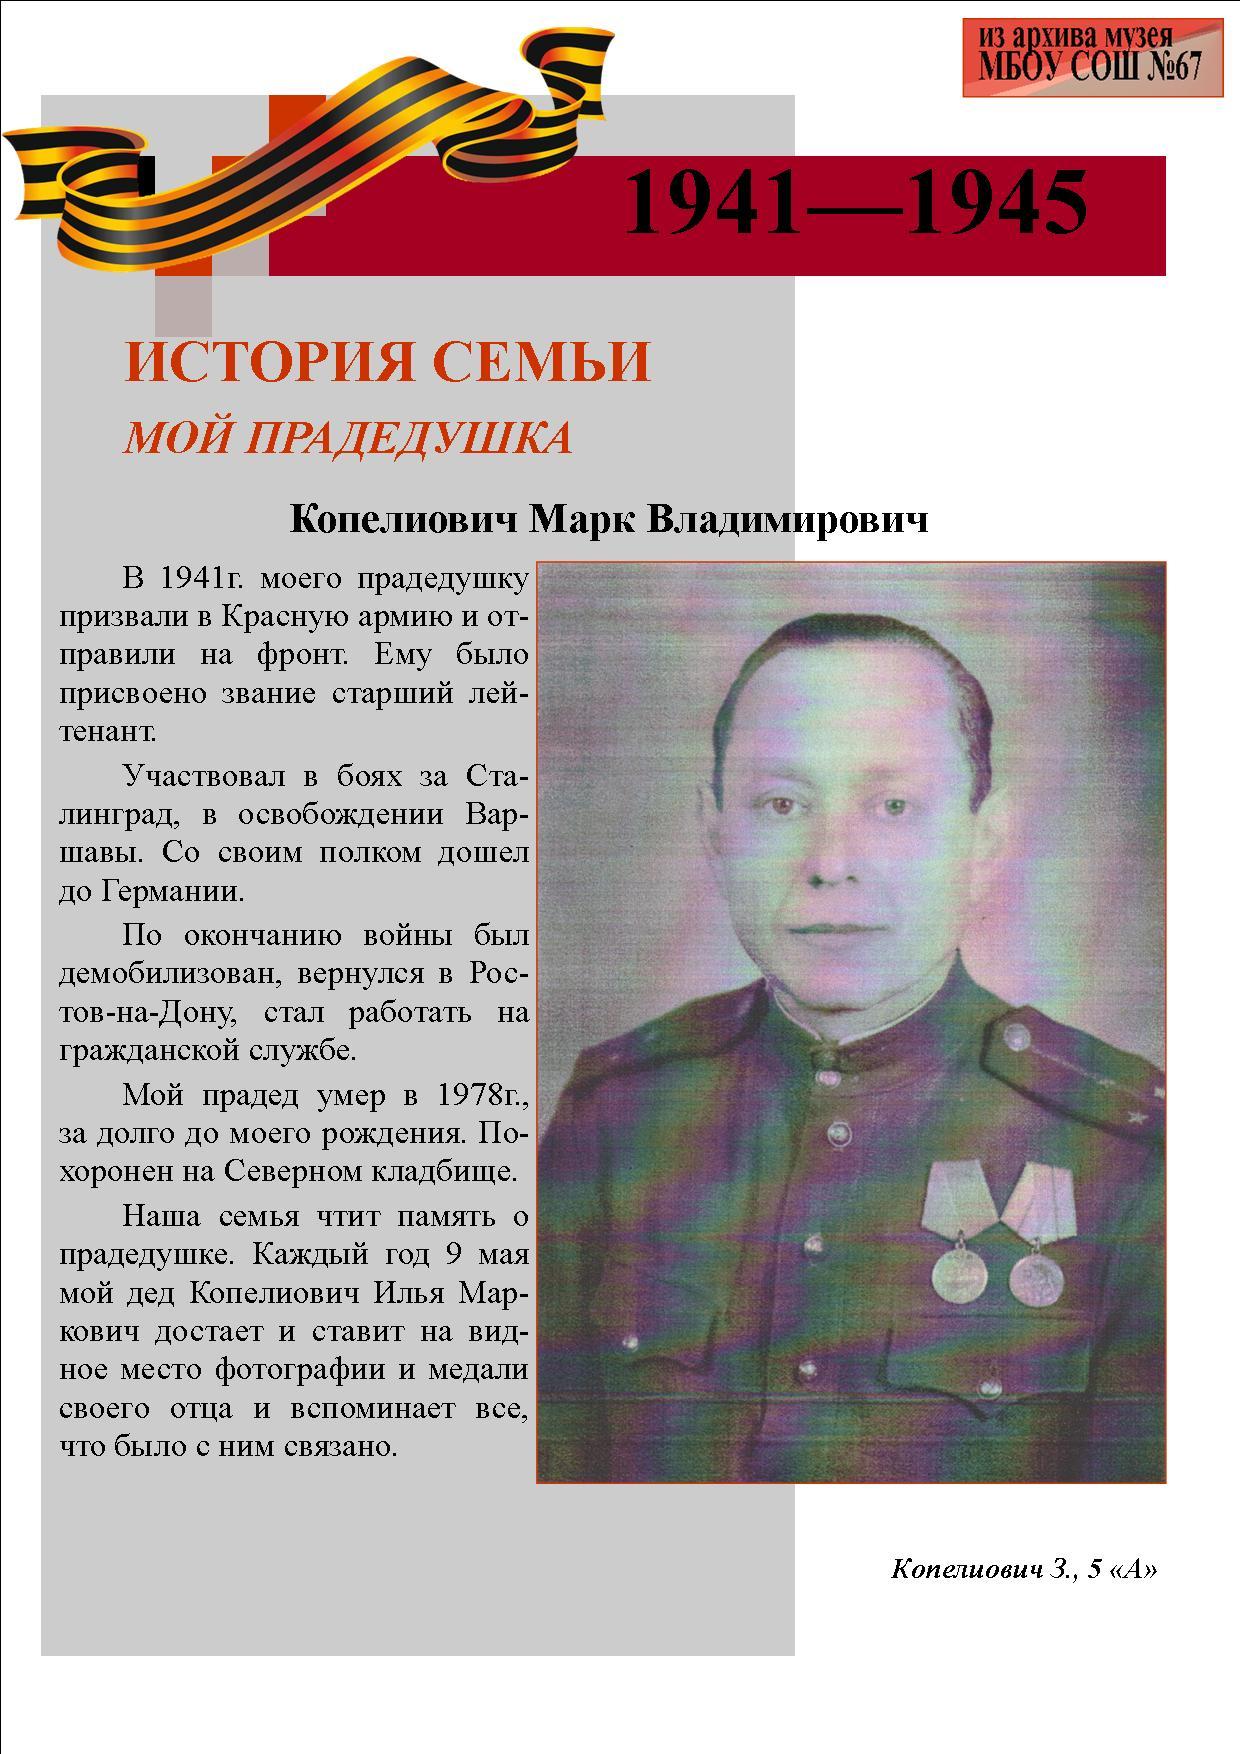 Копелиович М.В. _ 5А